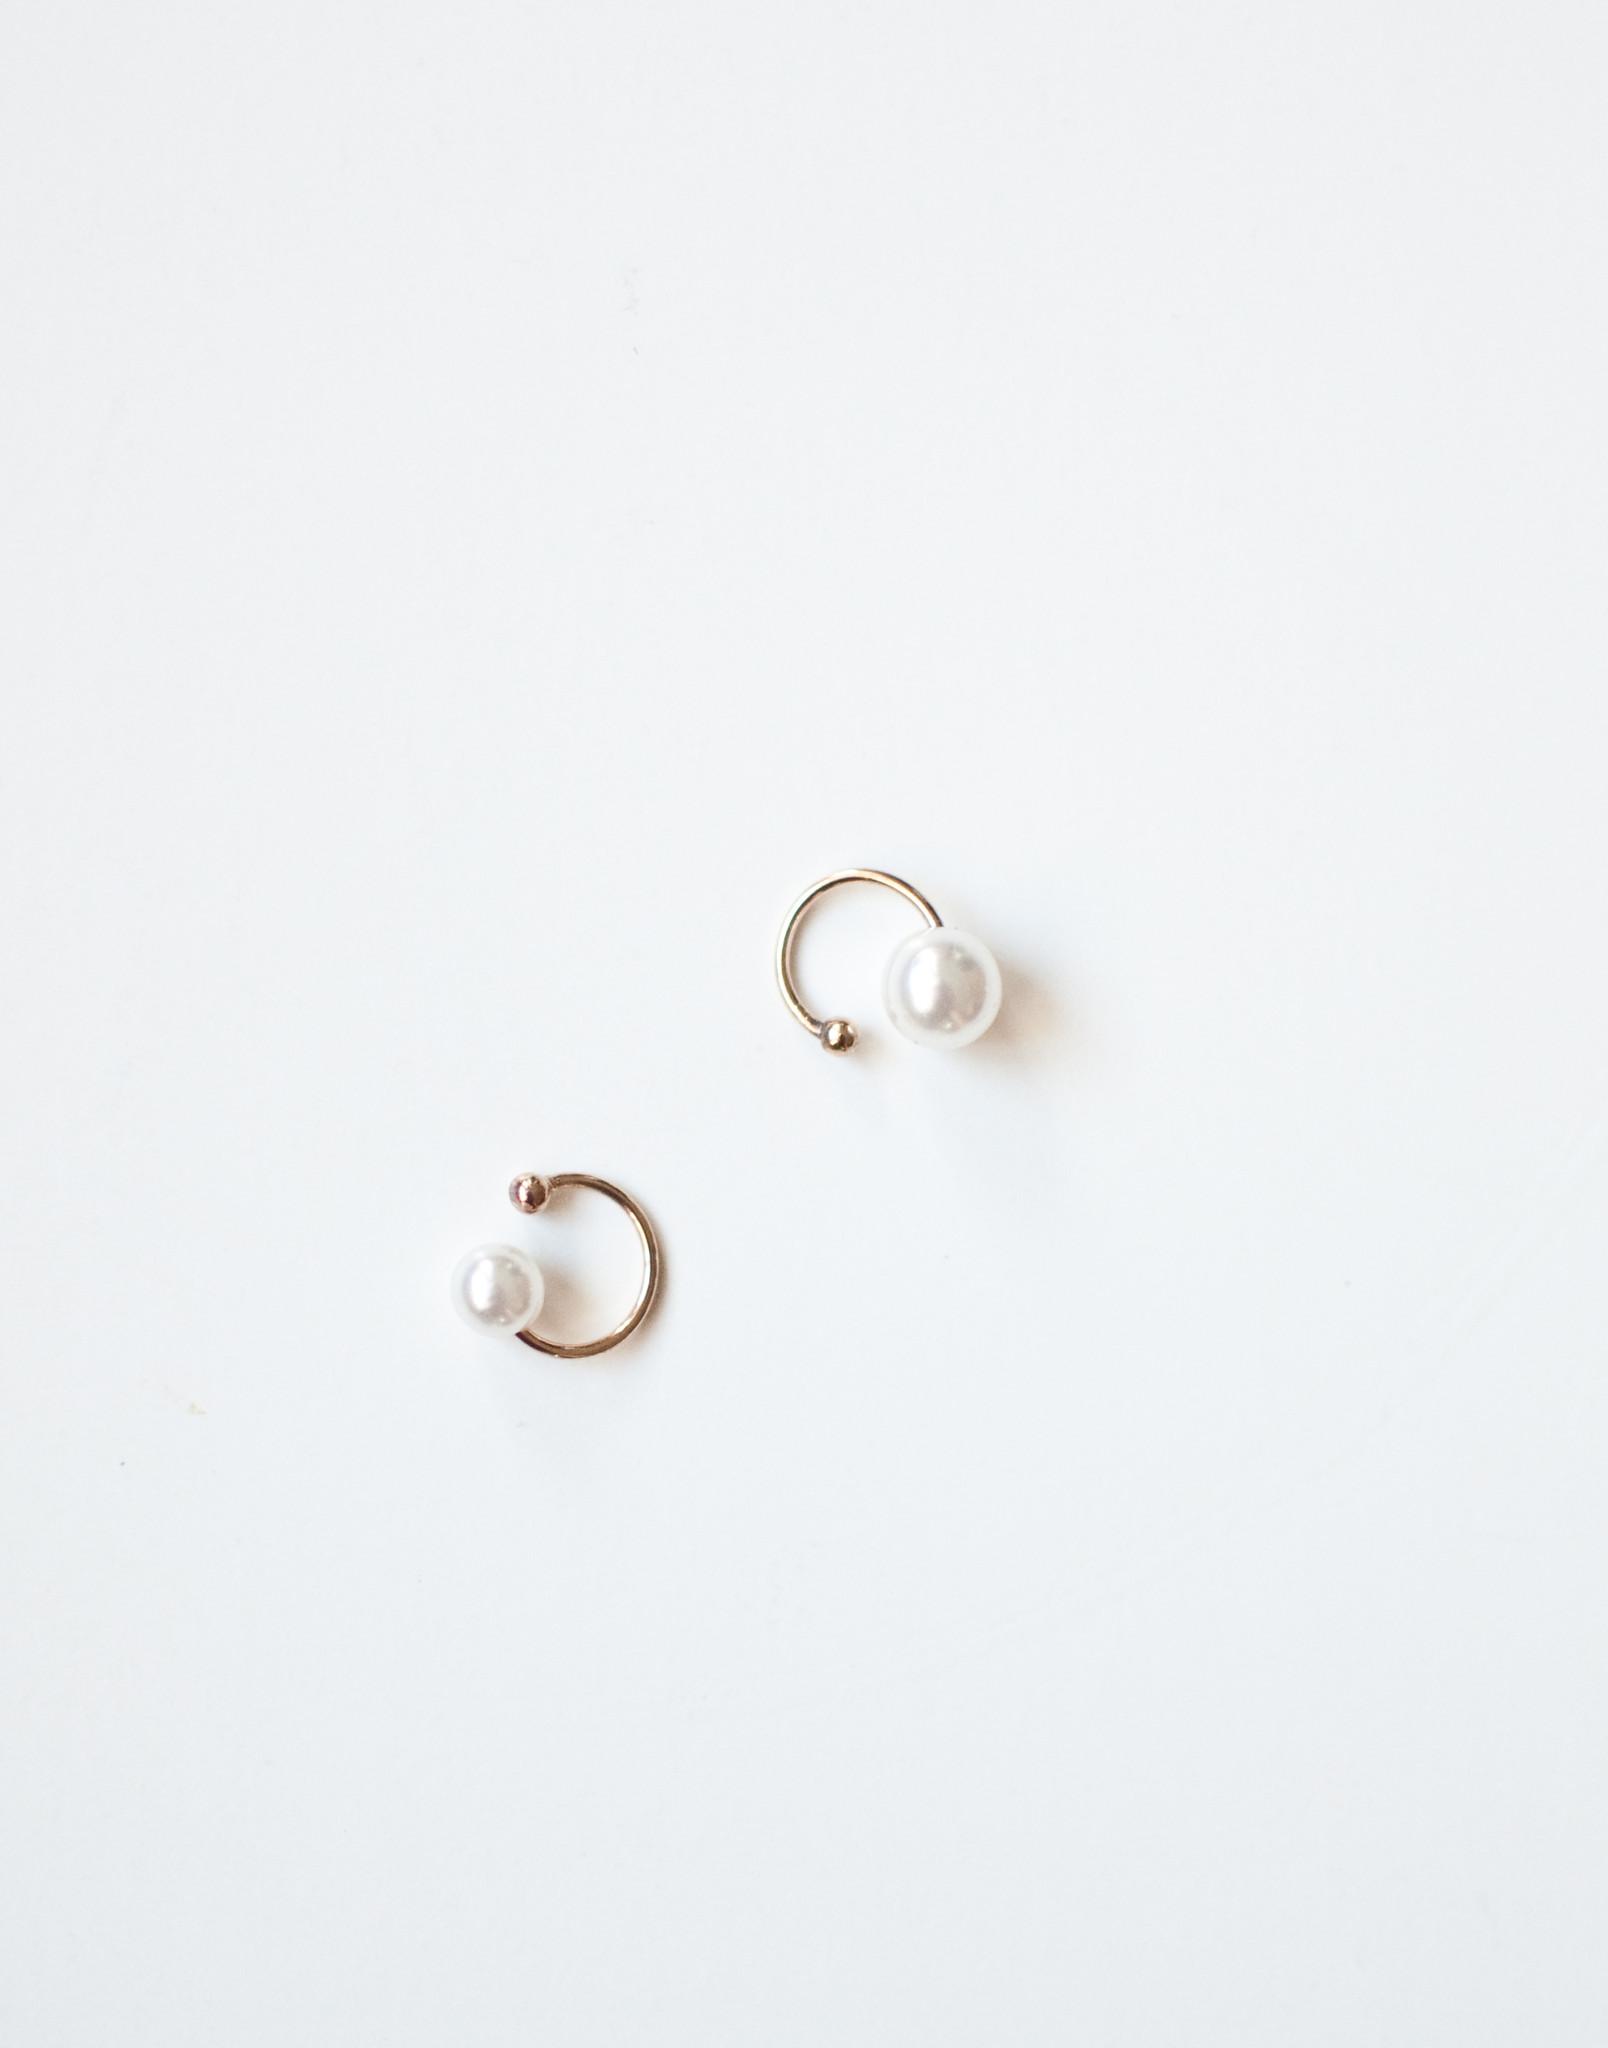 Pearl ear cuffs set